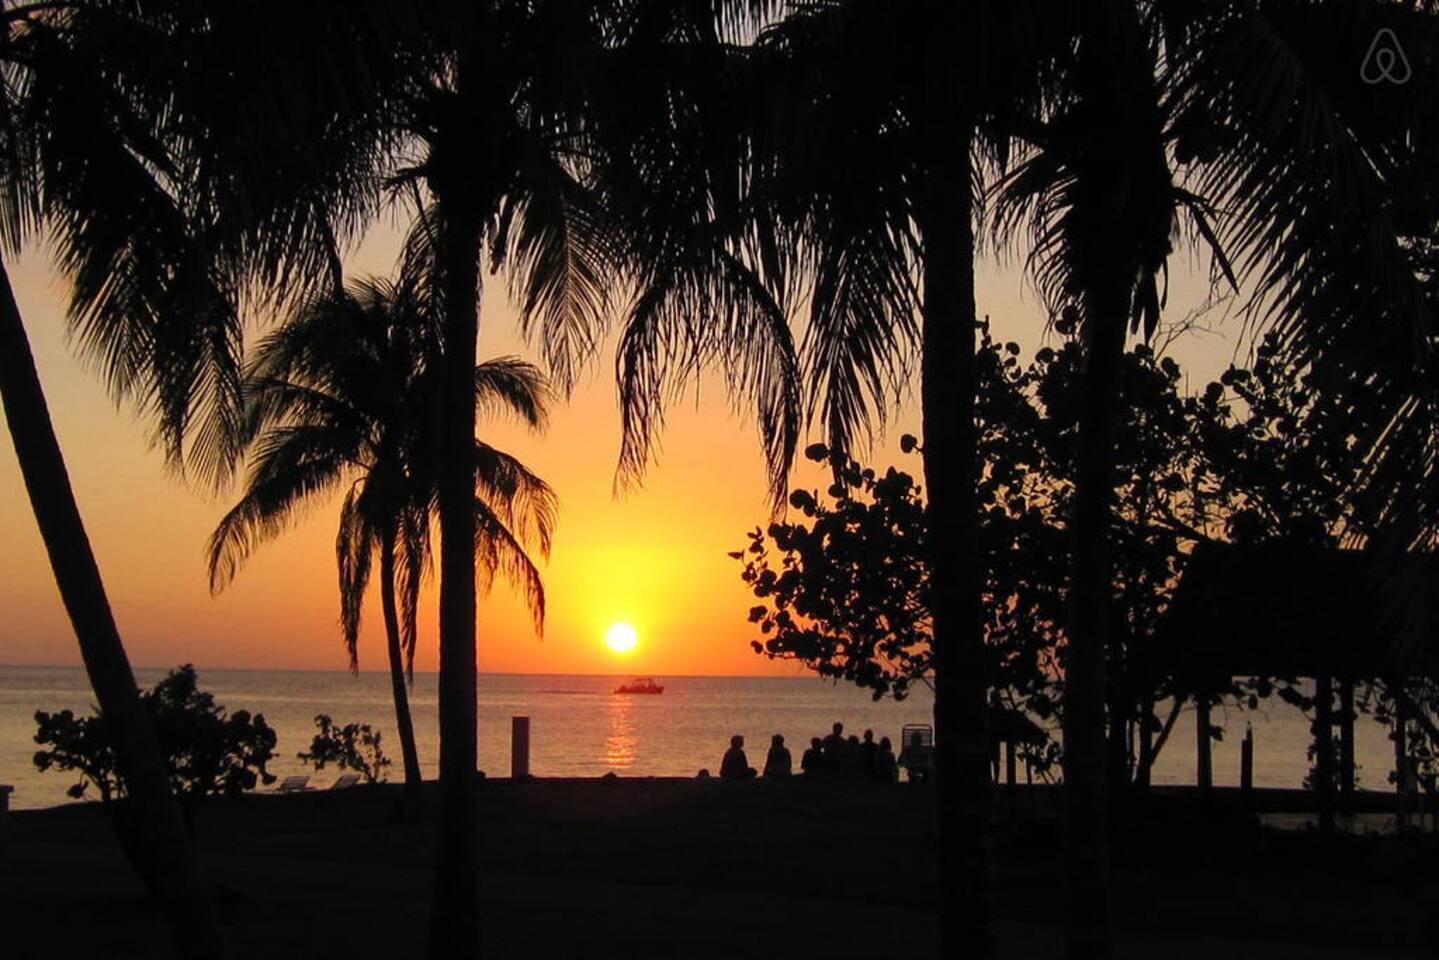 Sunset at Point Village